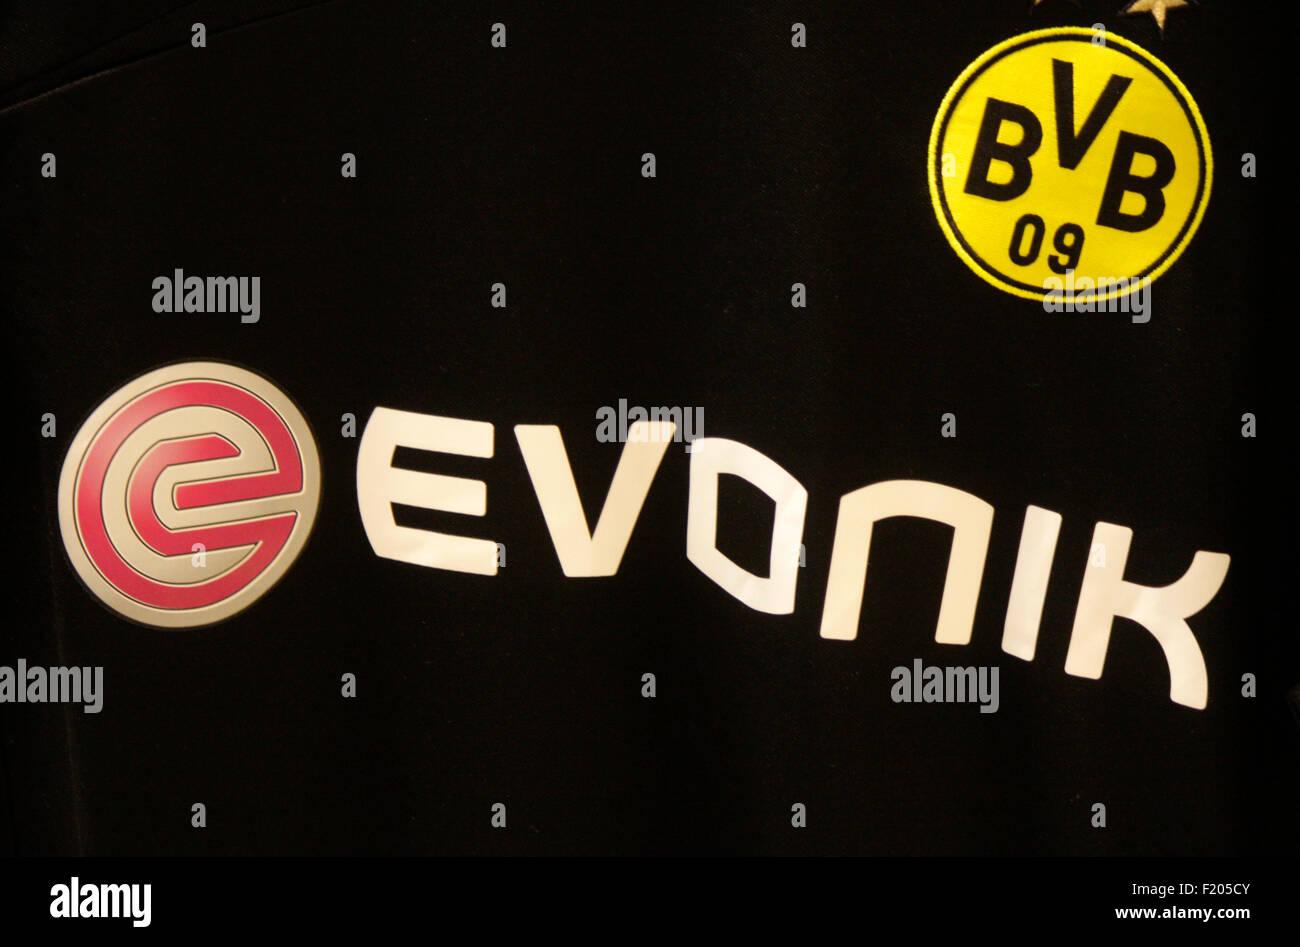 Markenname: 'BVB Borussia Dortmund' und 'Evonik', Berlin. - Stock Image